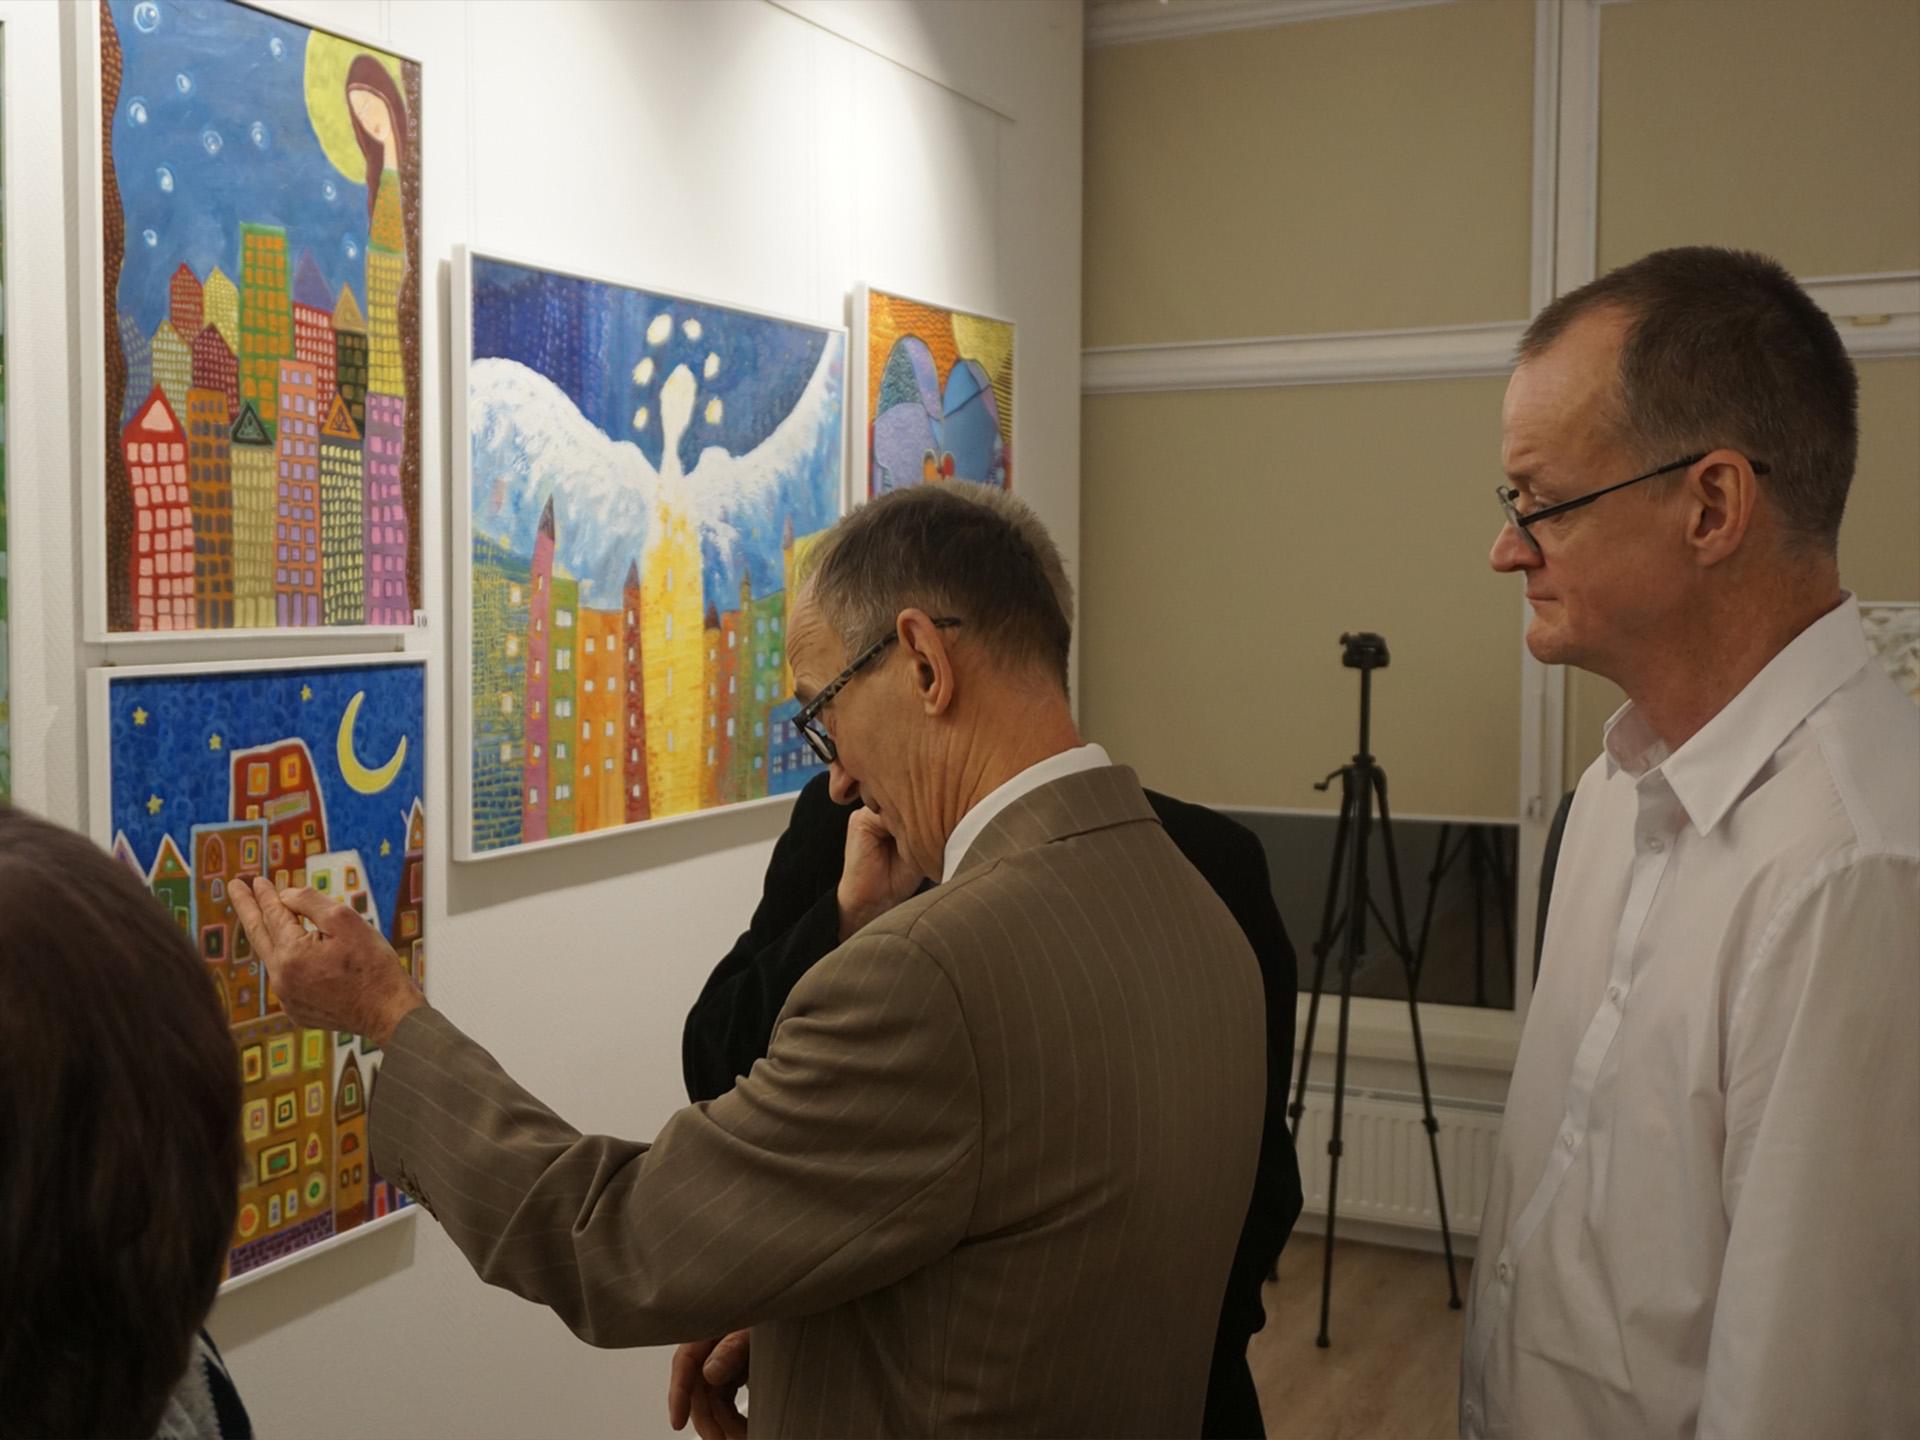 Zainteresowane osoby podczas oglądania kolorowych obrazów podczas wernisażu Rokocińskie Anioły